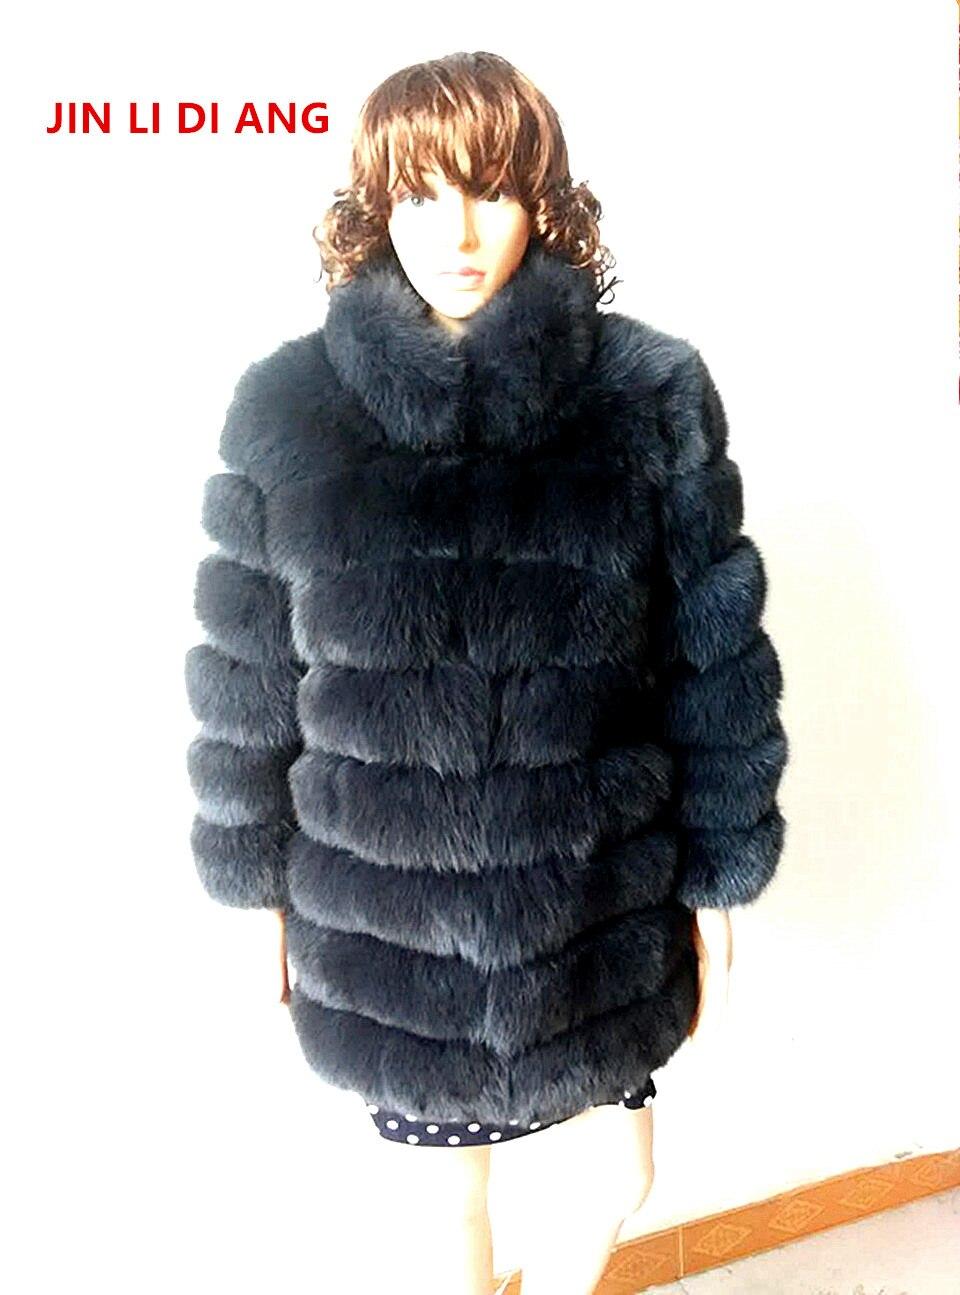 Jin Li Di Ang Femmes Naturel Véritable Réel Fourrure De Renard Manteaux hiver Trois Manches Trimestre Survêtement Chaud Épais Manteaux Gilet avec col